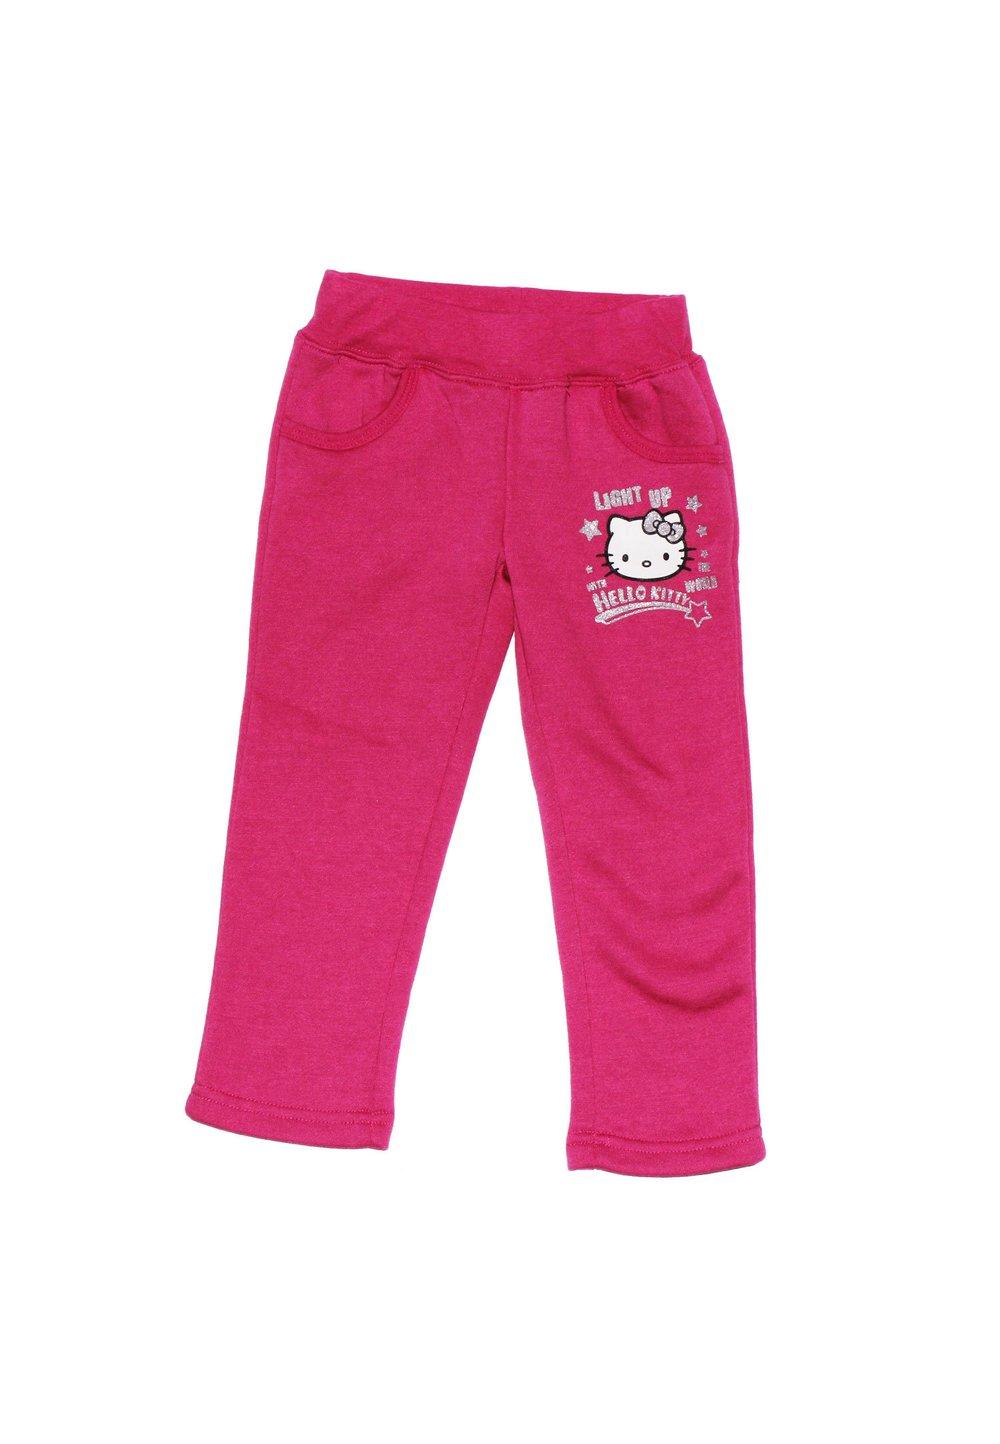 Pantaloni trening HK roz 1410 imagine